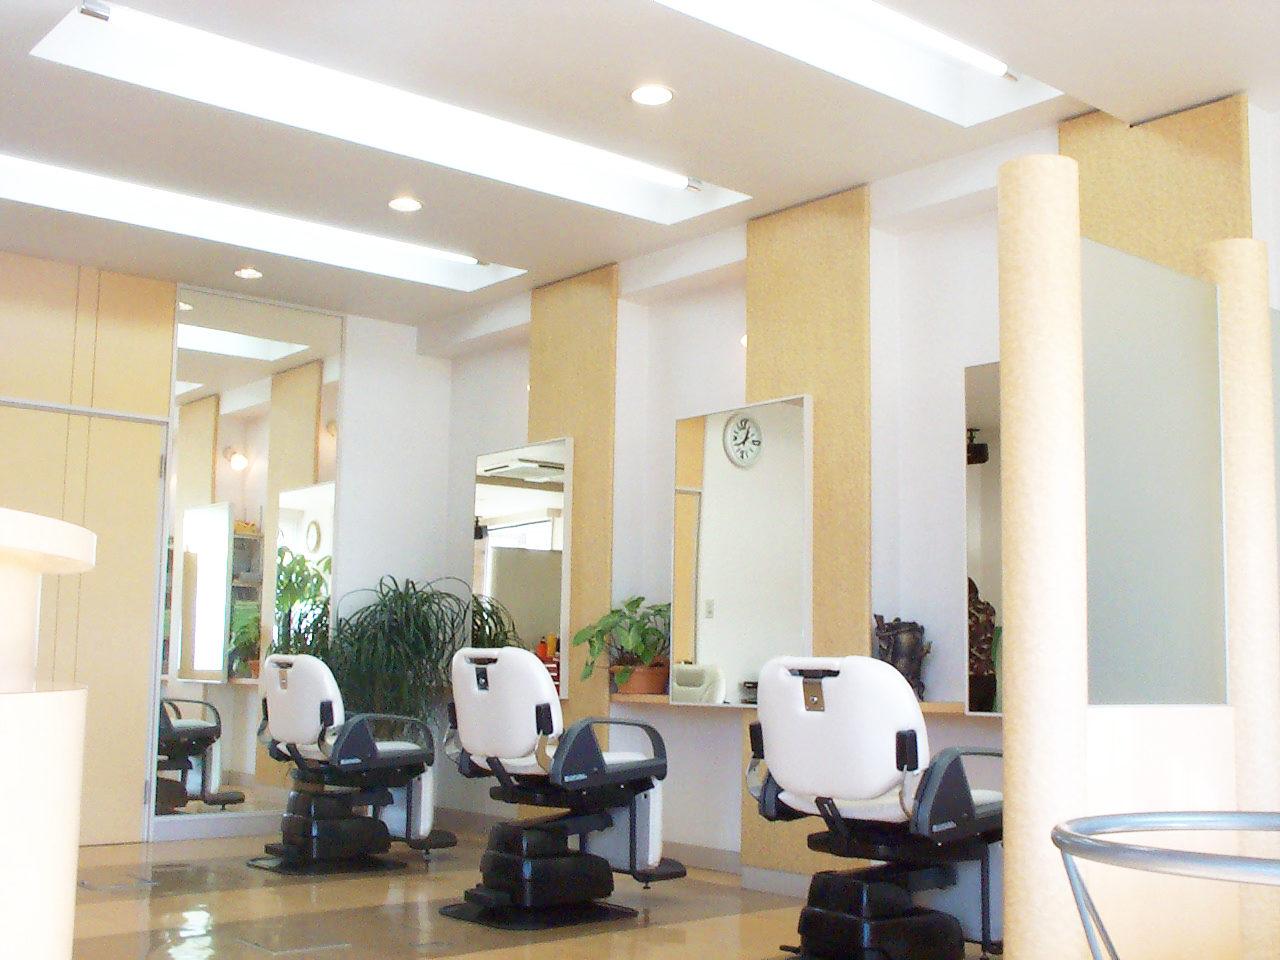 理美容院併用三階建て店舗併用住宅の店舗デザイン、設計